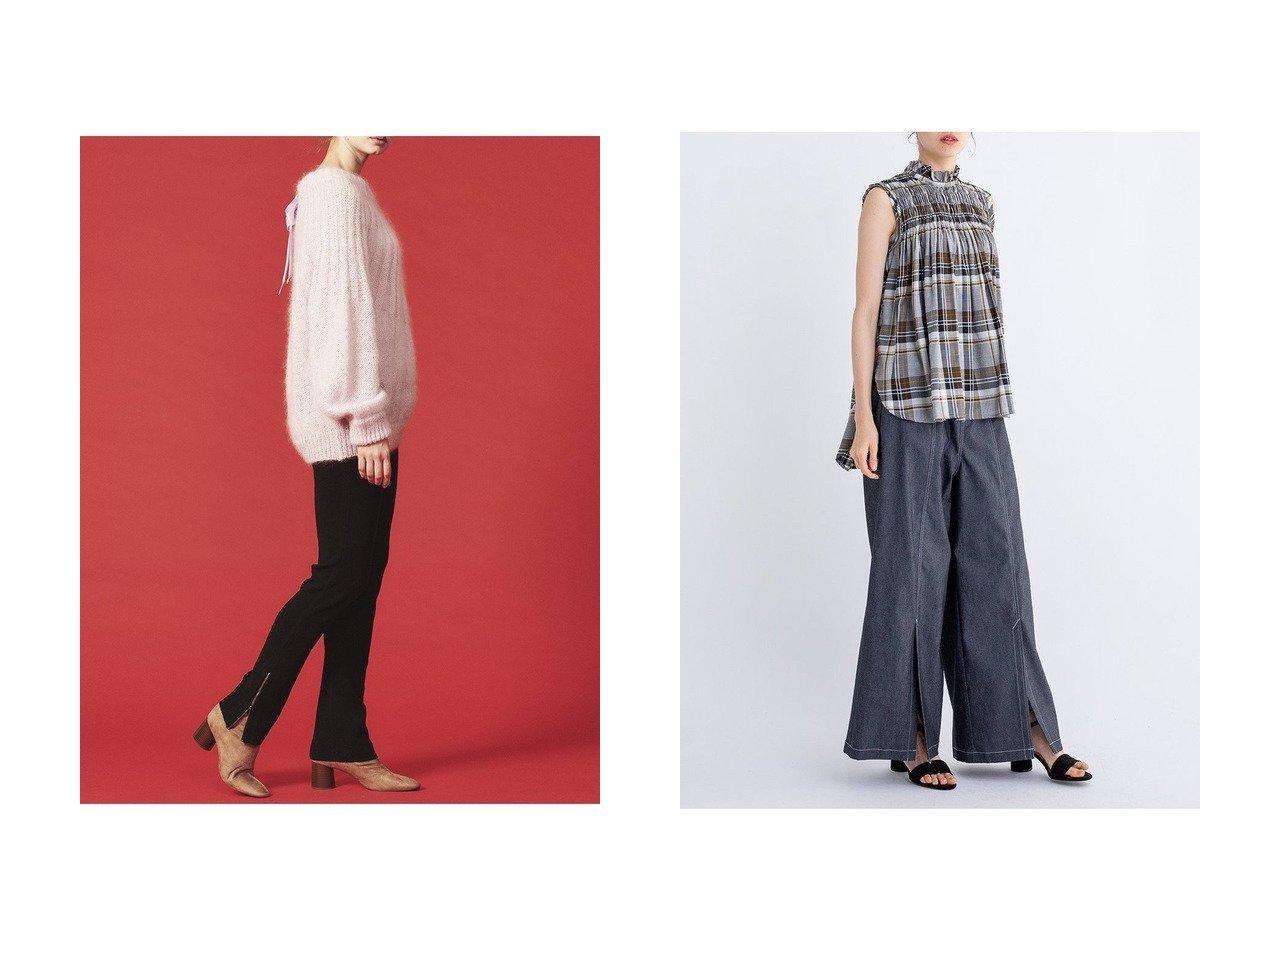 【LANVIN en Bleu/ランバン オン ブルー】のリネンデニムワイドパンツ&スリットニットパンツ パンツのおすすめ!人気、トレンド・レディースファッションの通販 おすすめで人気の流行・トレンド、ファッションの通販商品 メンズファッション・キッズファッション・インテリア・家具・レディースファッション・服の通販 founy(ファニー) https://founy.com/ ファッション Fashion レディースファッション WOMEN パンツ Pants デニムパンツ Denim Pants エレガント コンパクト スリット デニム バランス フロント リネン ベーシック レギンス 今季  ID:crp329100000016057